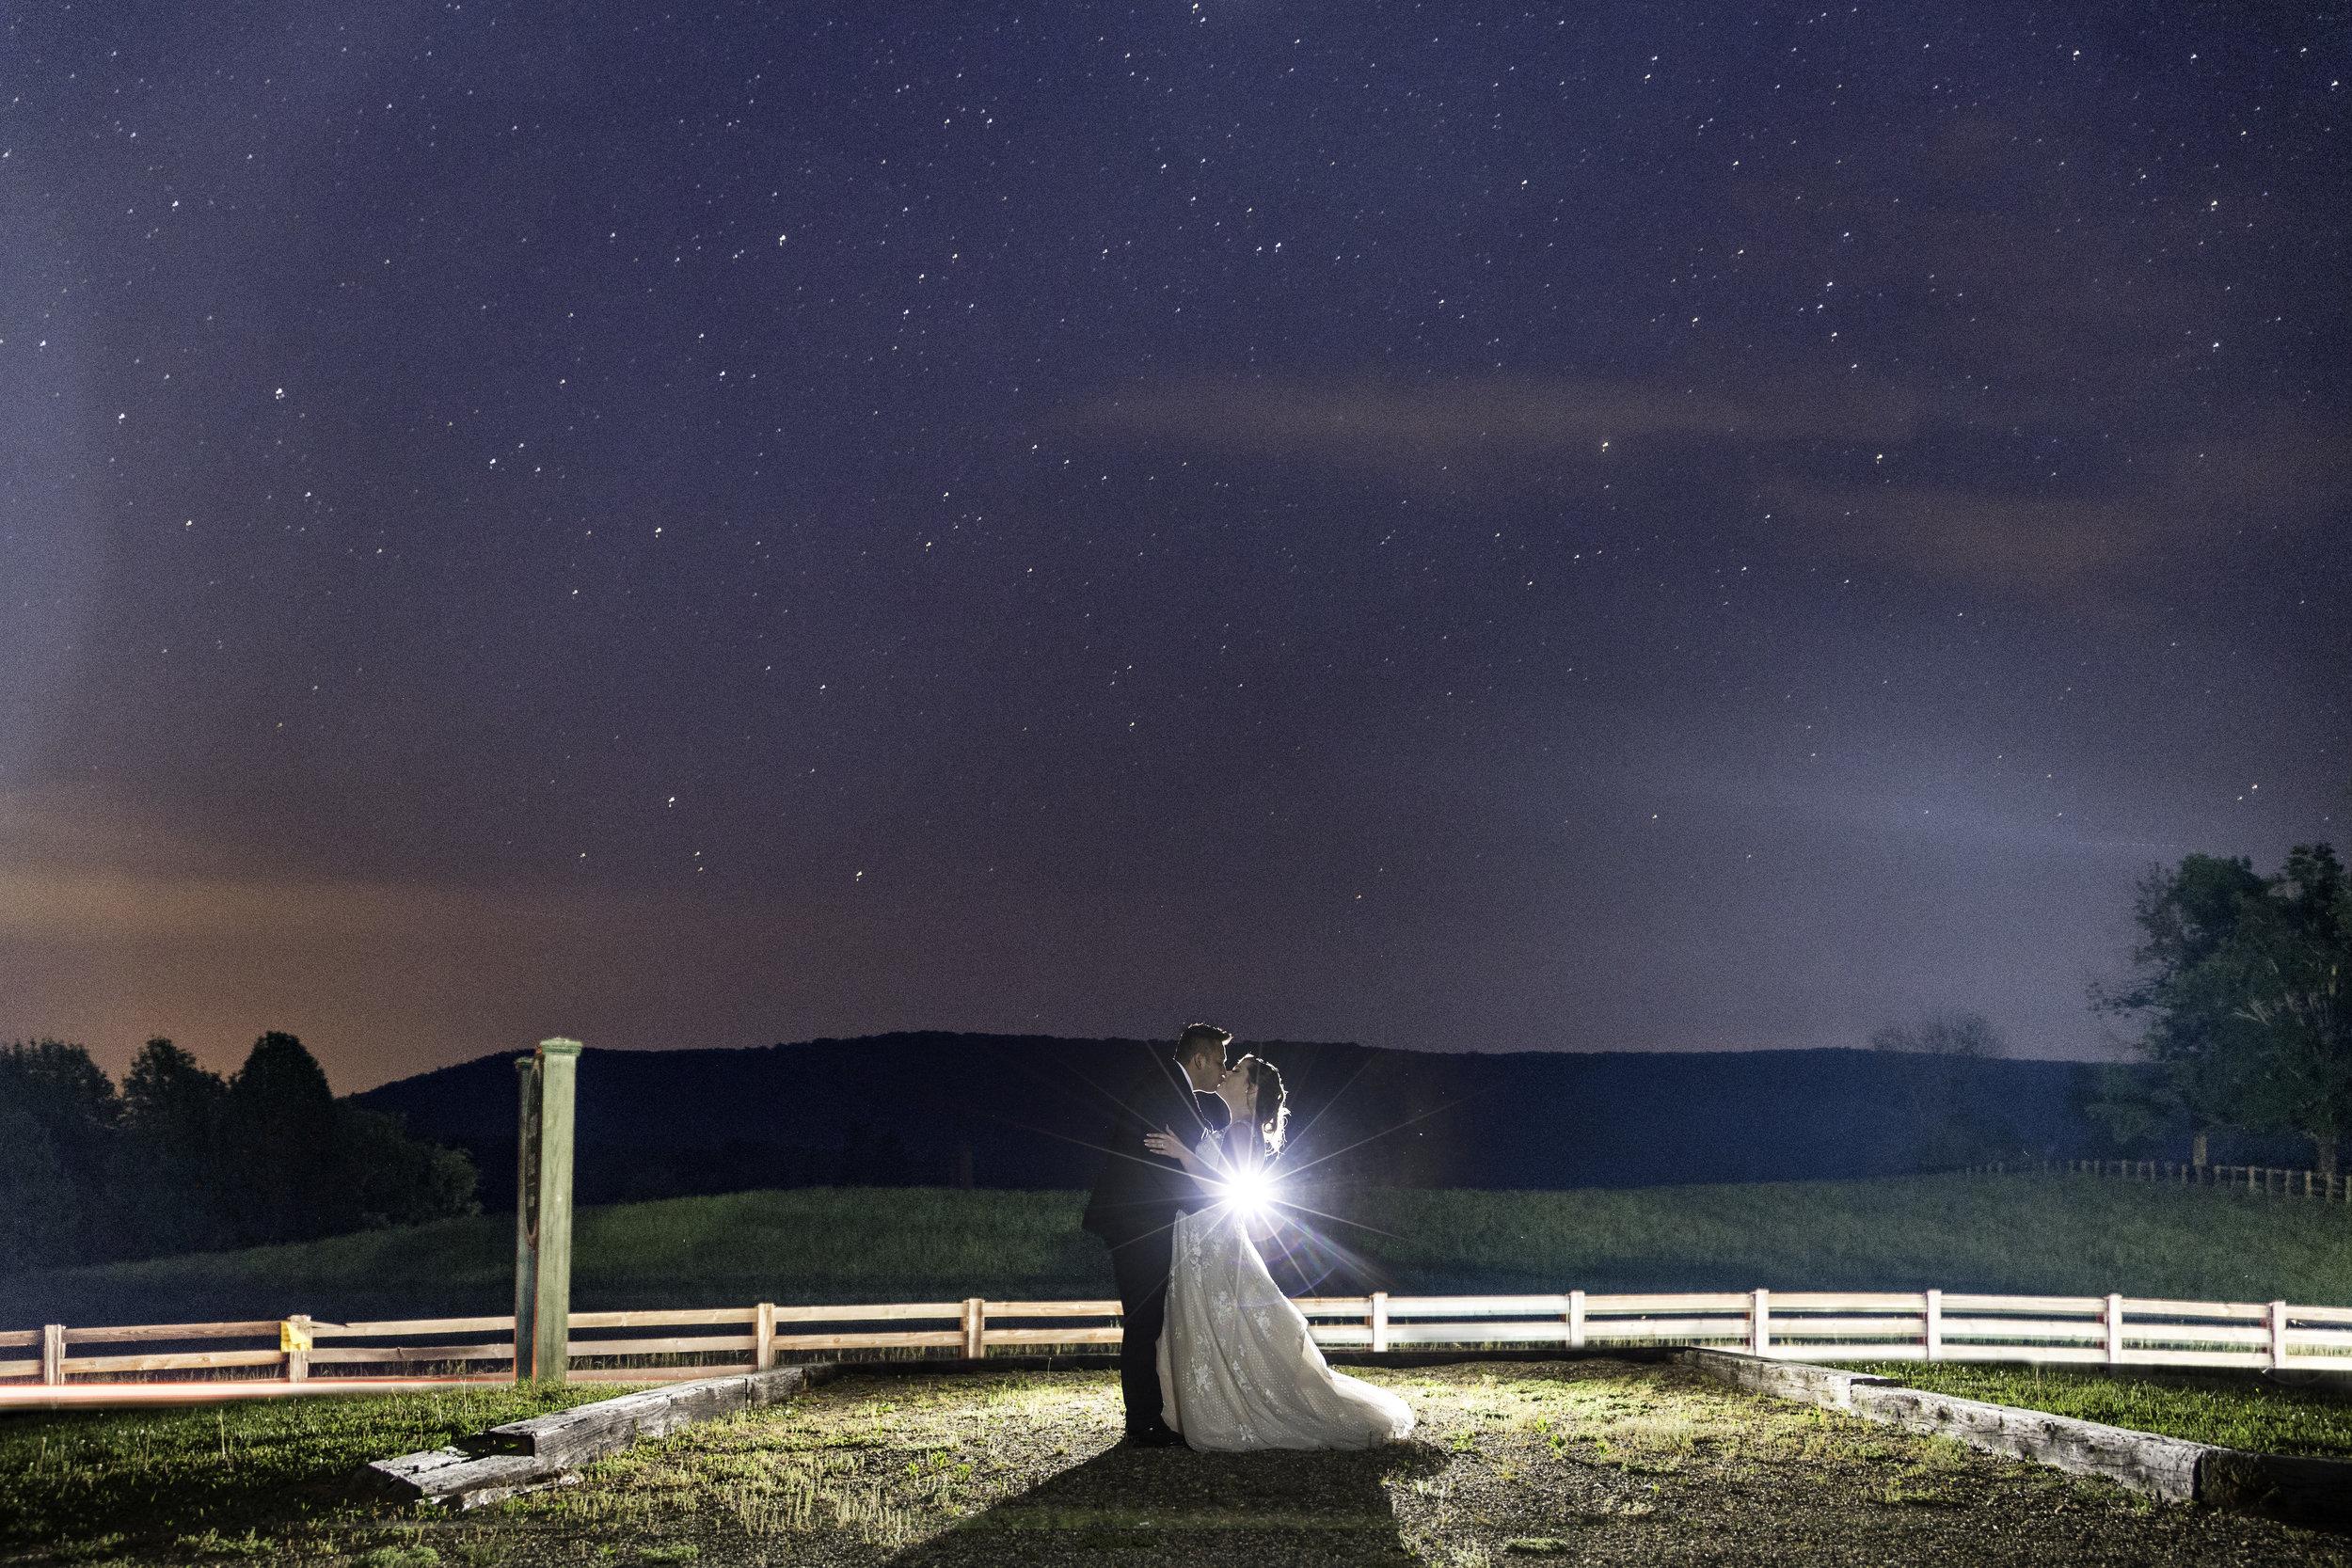 nightOakridgestars.jpg